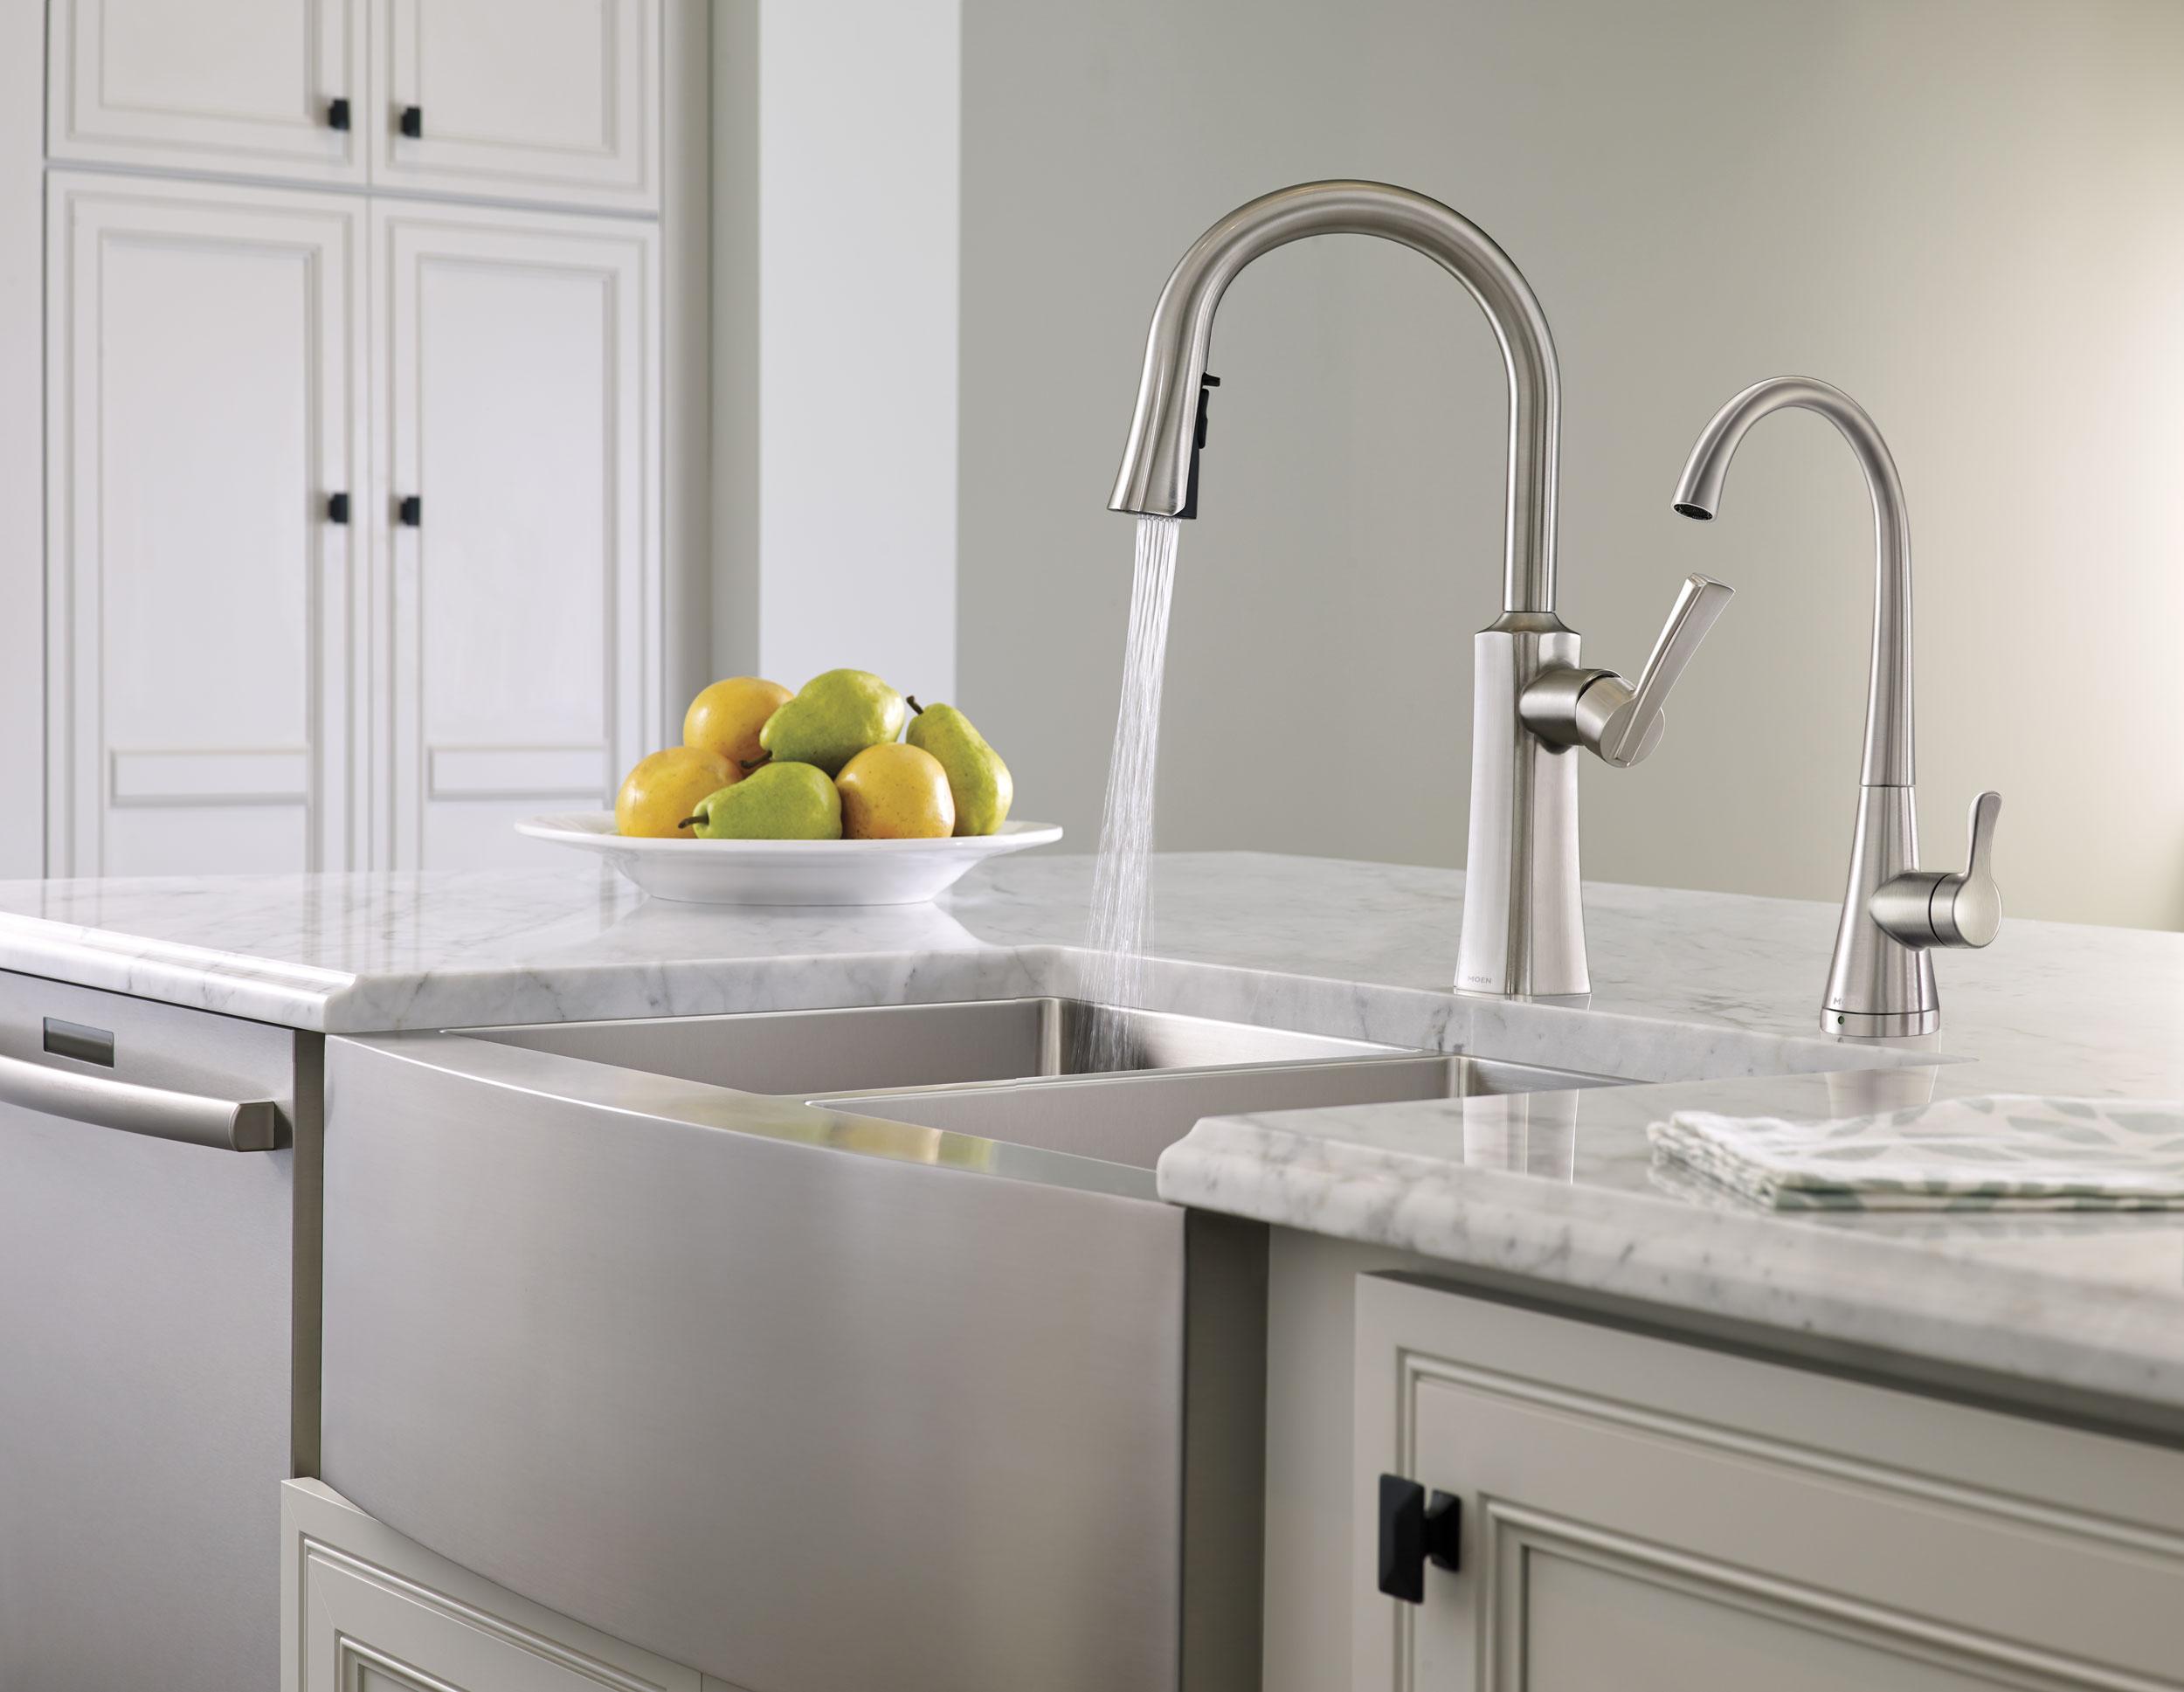 cgi photo of kitchen sink